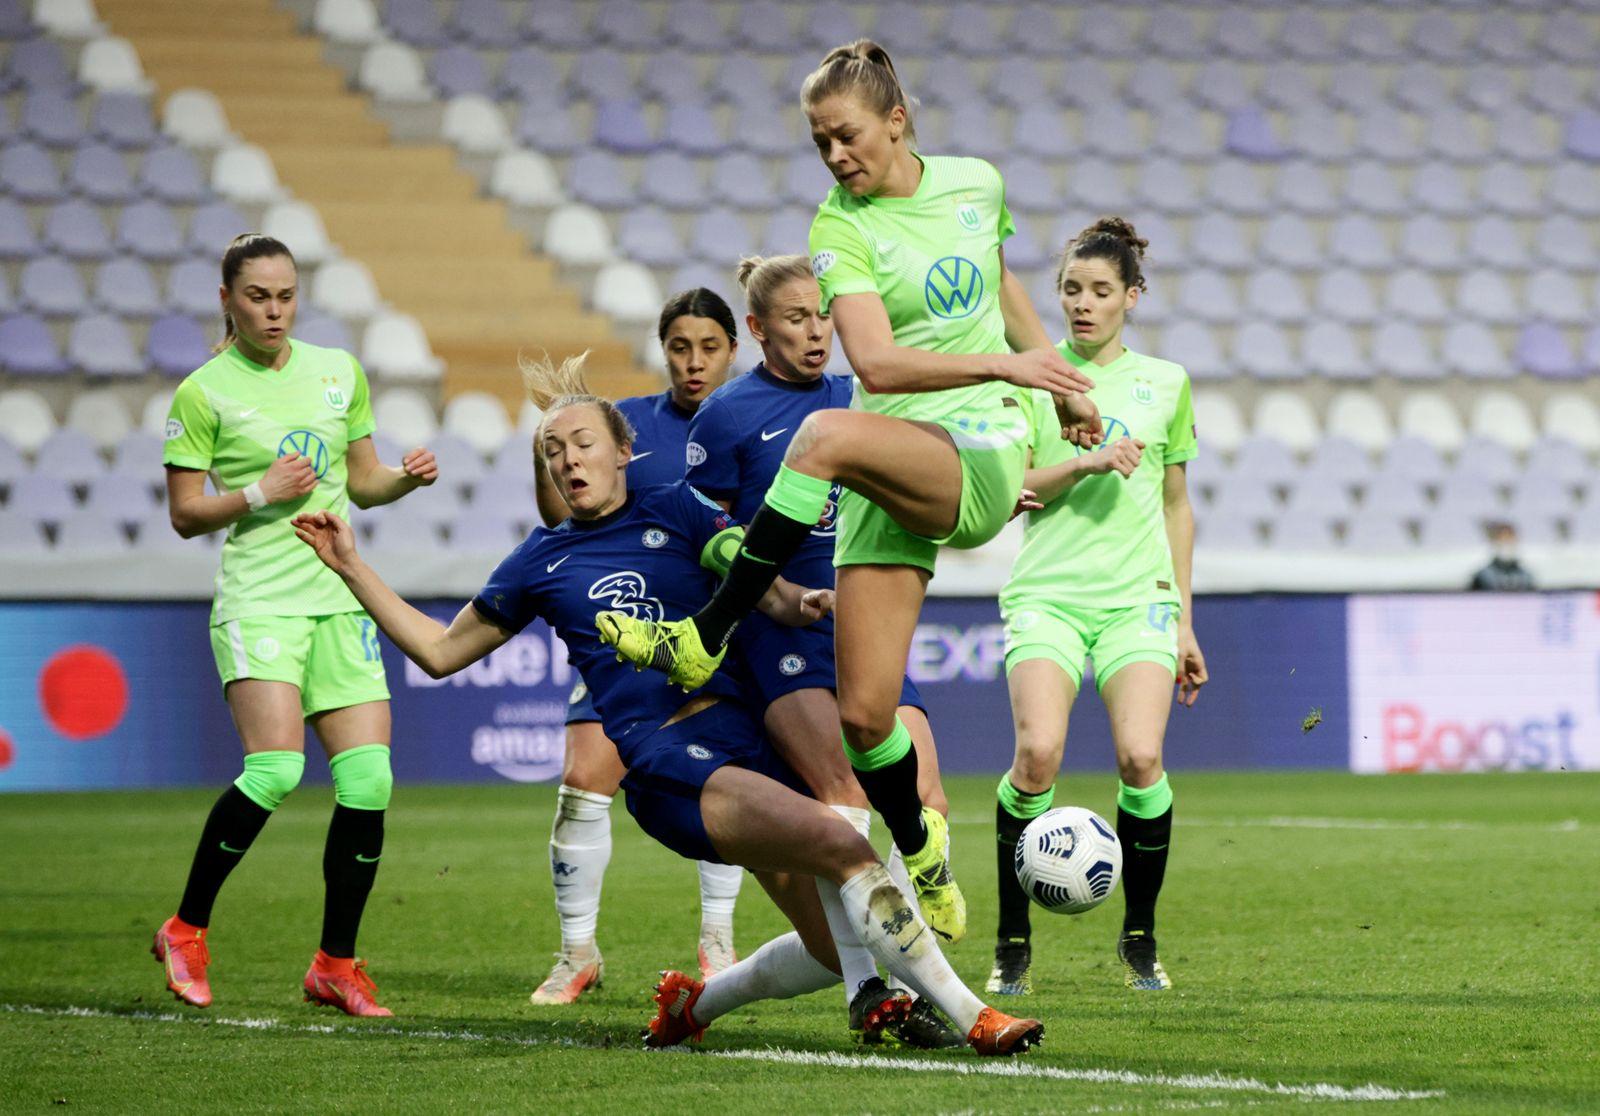 Women?s Champions League - Quarter Final First Leg - Chelsea v VfL Wolfsburg